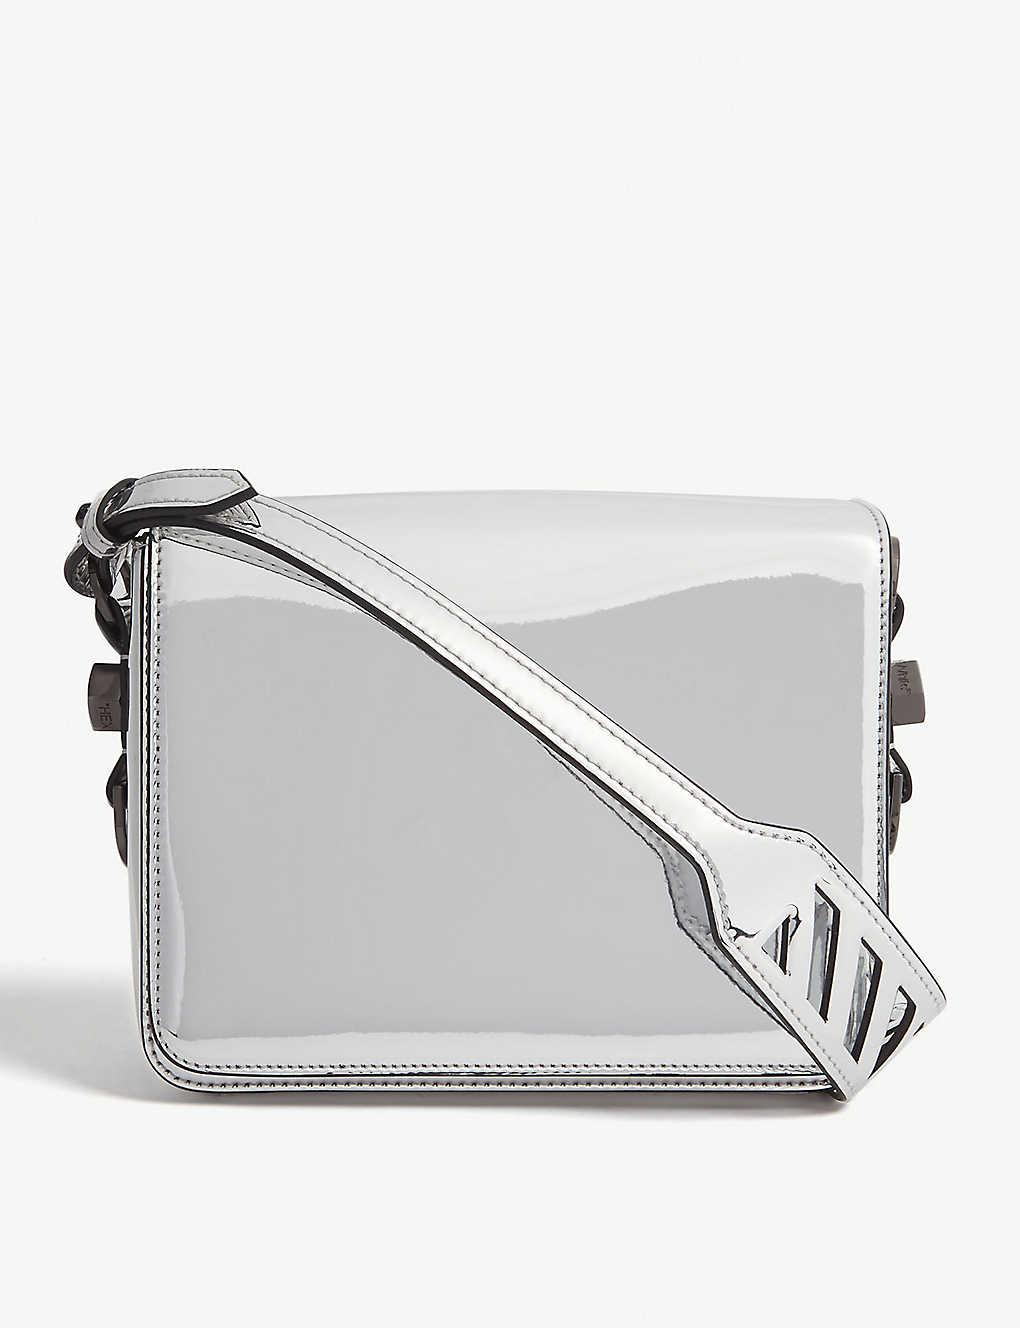 d93d411eba5e85 OFF-WHITE C/O VIRGIL ABLOH - Mirror binder clip shoulder bag ...